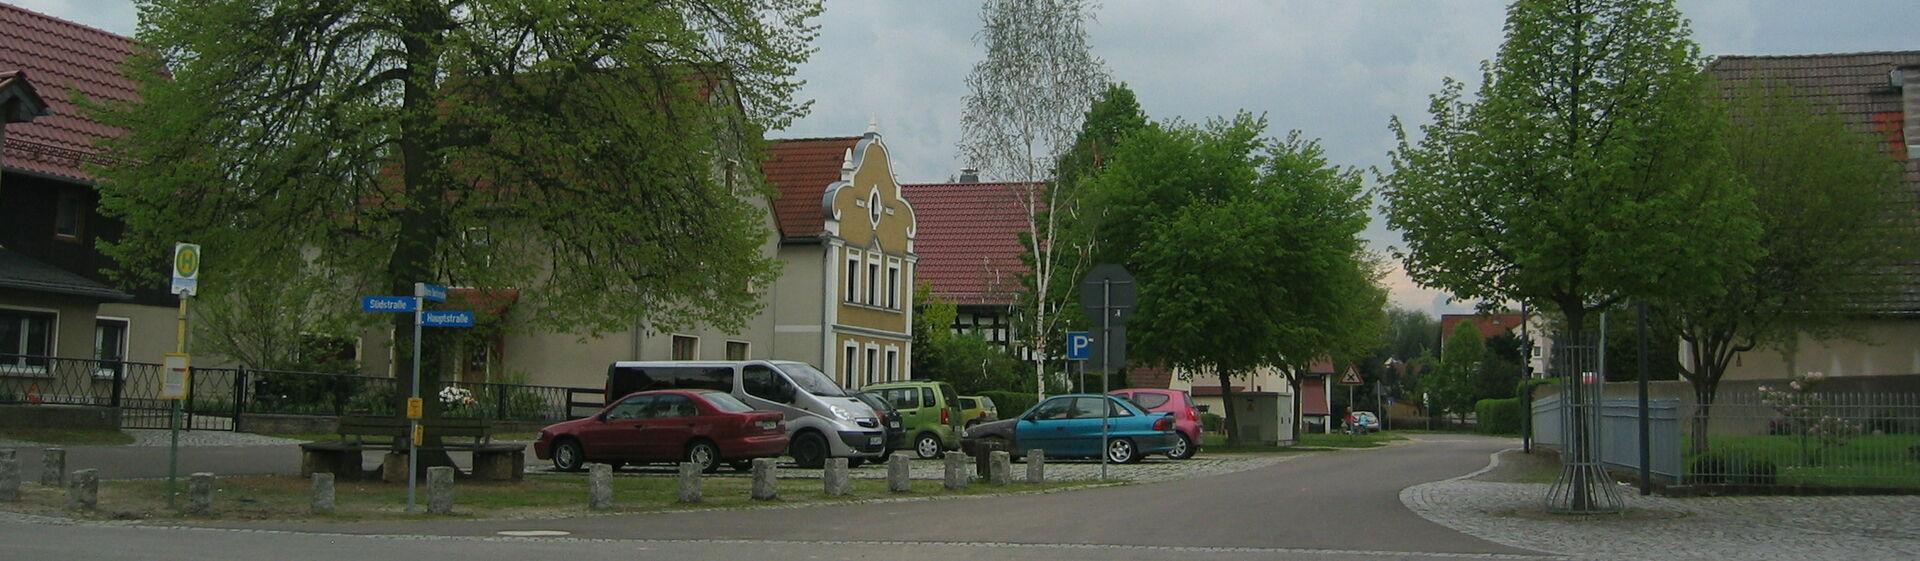 Gemeinde Monstab